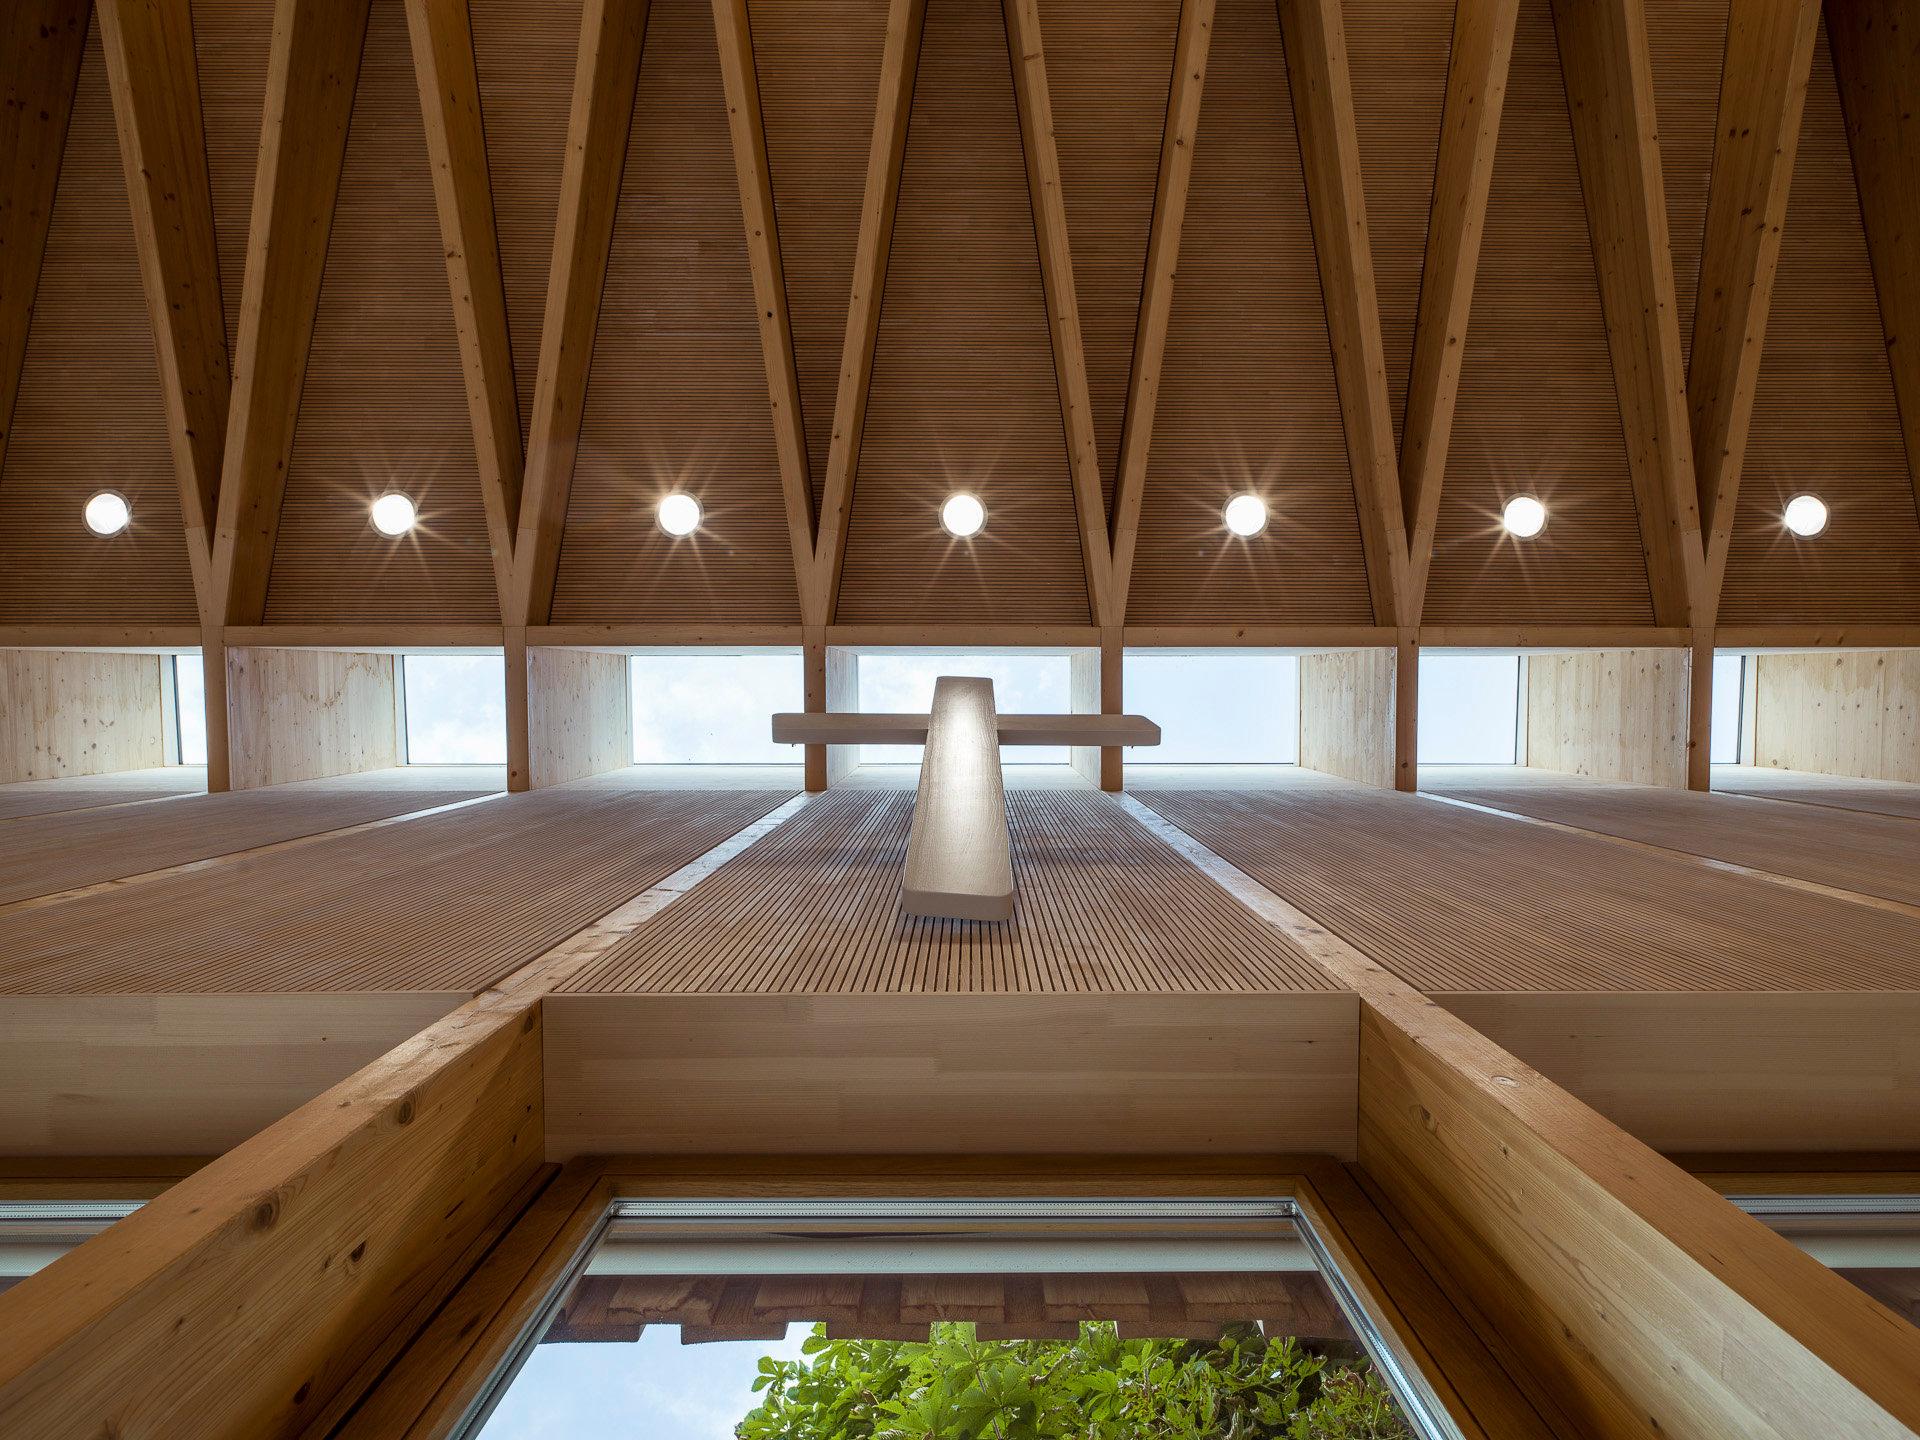 Quelle: Gemeindezentrum Wiesloch; Architektur: Waechter + Waechter, Darmstadt; Foto: Ross, Heidelberg